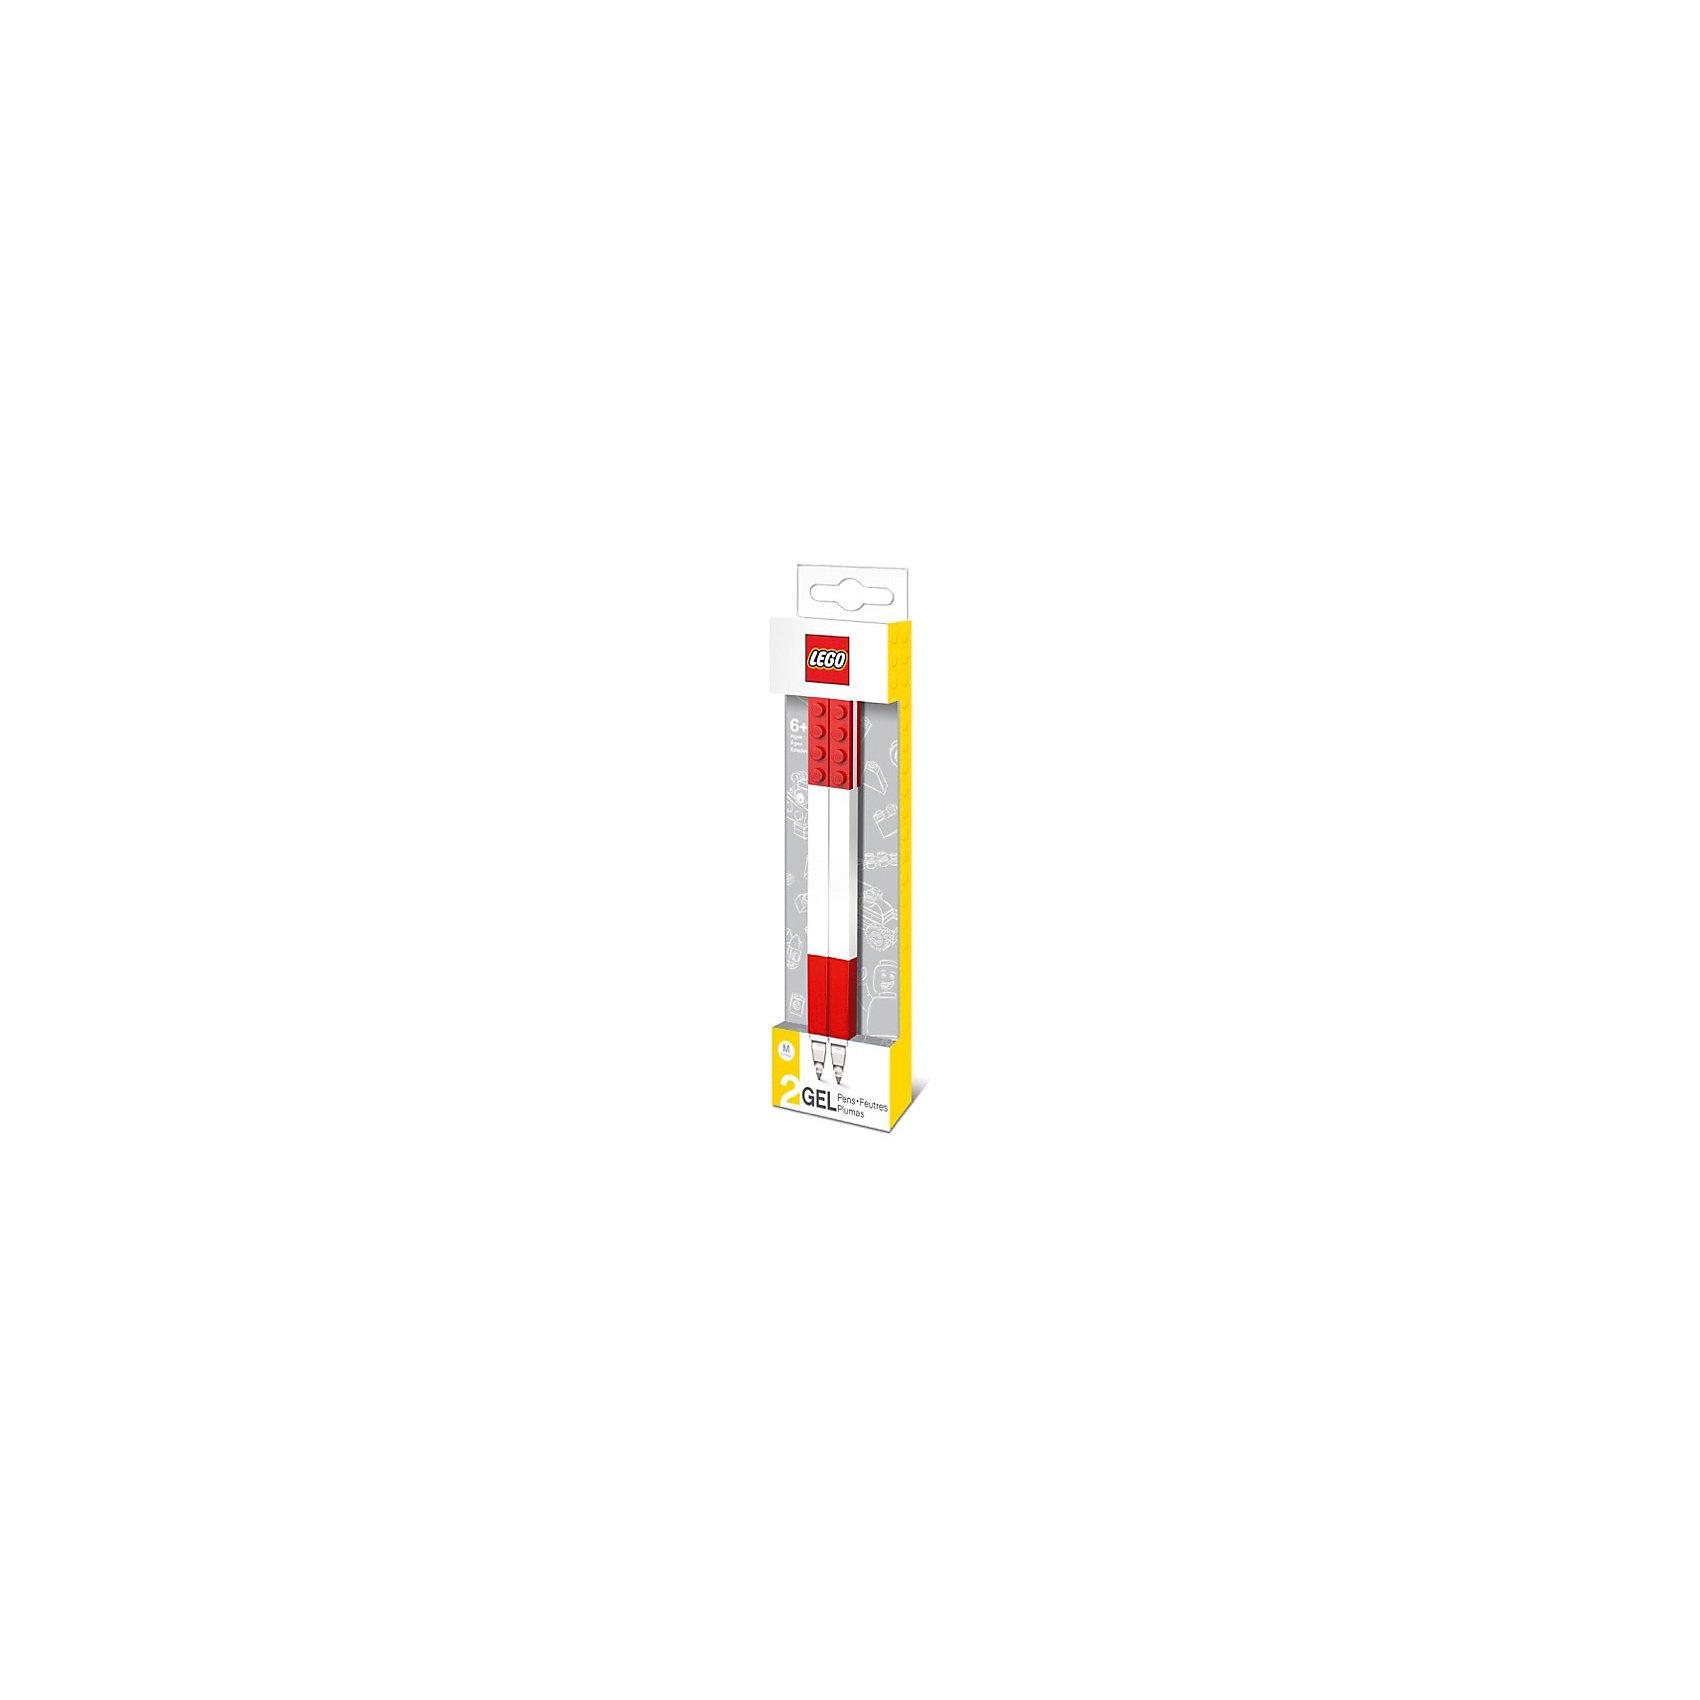 Набор гелевых ручек, 2 шт., LEGOНабор гелевых ручек из уникальной коллекции канцелярских принадлежностей LEGO состоит из 2-х ручек с чернилами красного цвета. Ручка имеет пластиковый корпус с резиновой манжеткой, которая снижает напряжение руки. Ручка обеспечивает легкое и мягкое письмо, чернила быстро высыхают, не размазываются.<br><br>Ширина мм: 49<br>Глубина мм: 20<br>Высота мм: 180<br>Вес г: 31<br>Возраст от месяцев: 36<br>Возраст до месяцев: 72<br>Пол: Унисекс<br>Возраст: Детский<br>SKU: 5529378